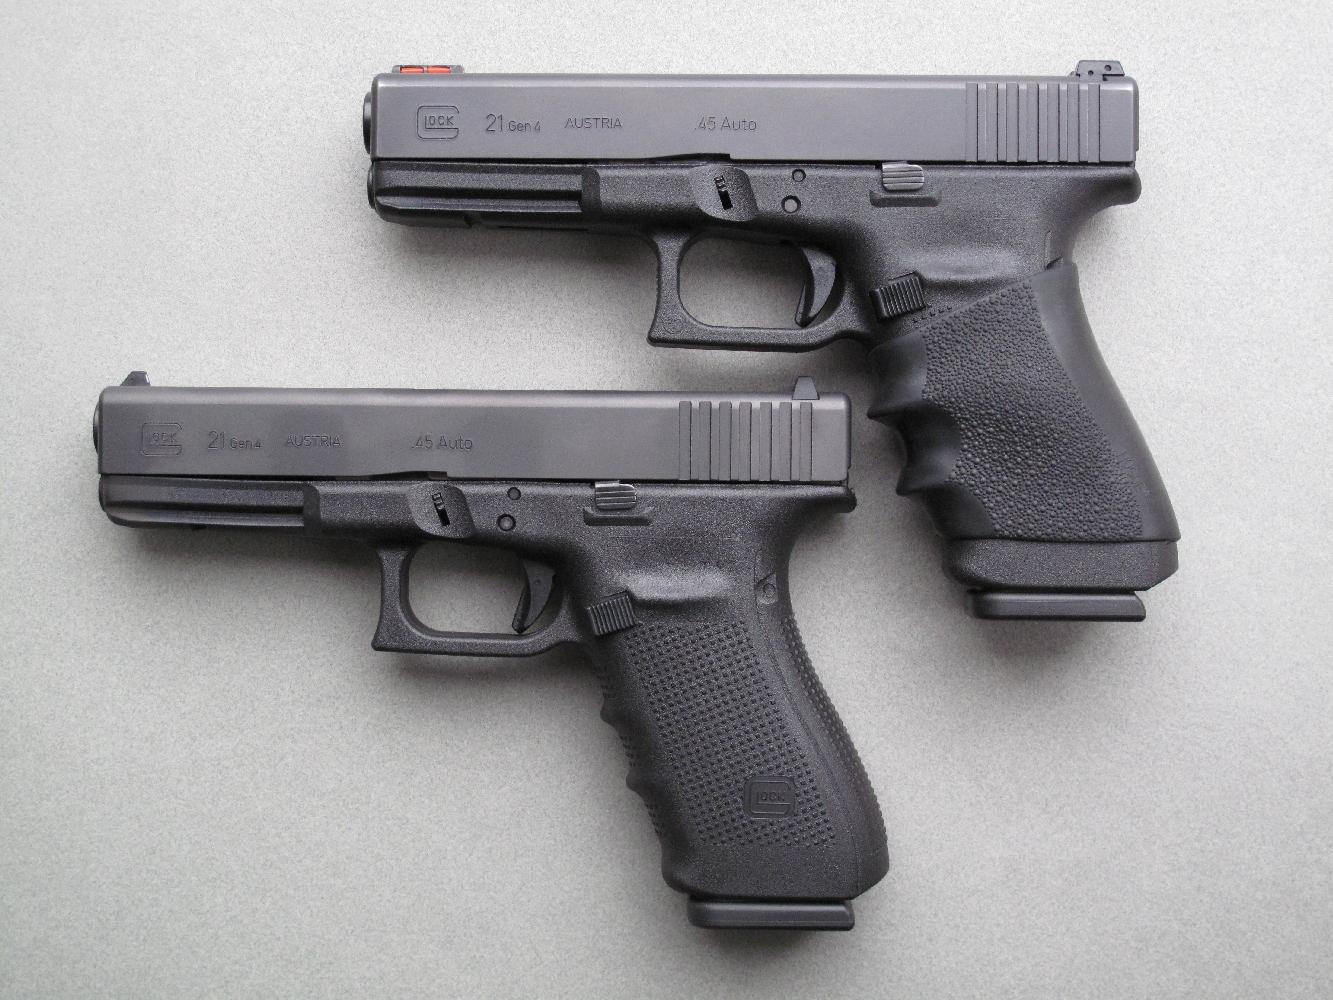 Comparaison entre le Glock 21 standard qui nous a été confié pour cet essai et l'arme personnelle de Jean, laquelle a reçu quelques améliorations au niveau du départ, de la prise en main et des éléments de visée.